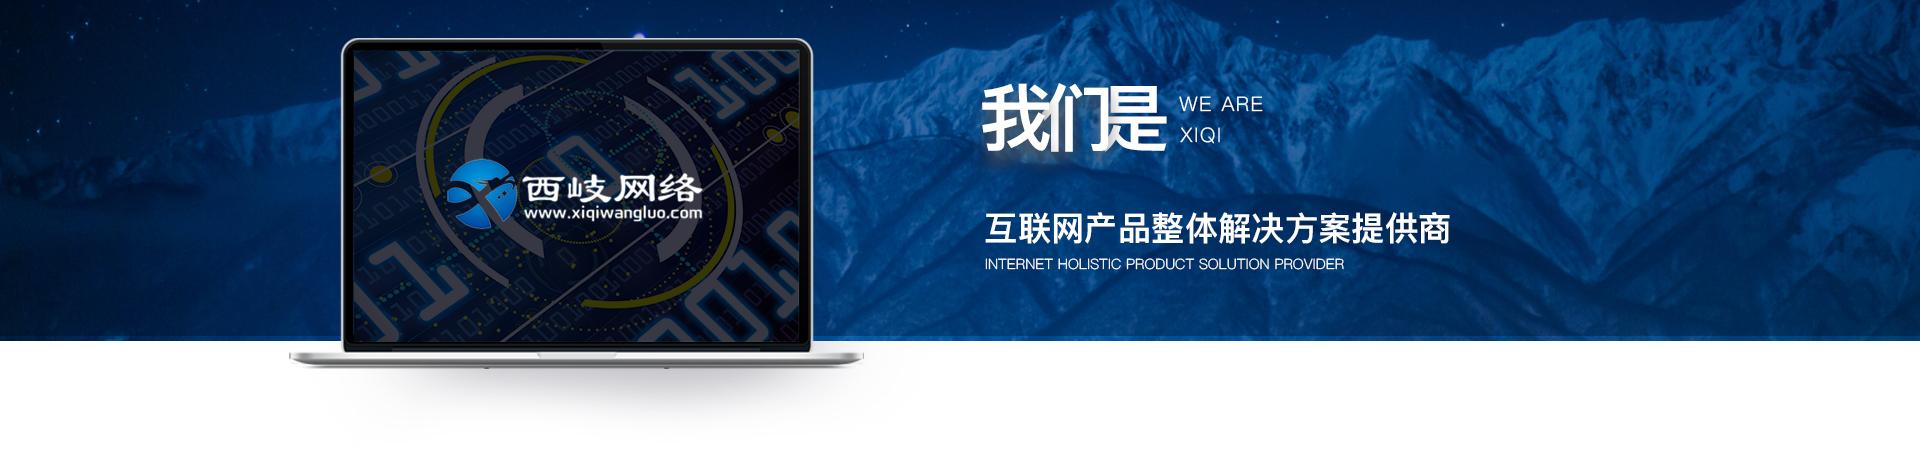 北京西岐网络科技有限公司